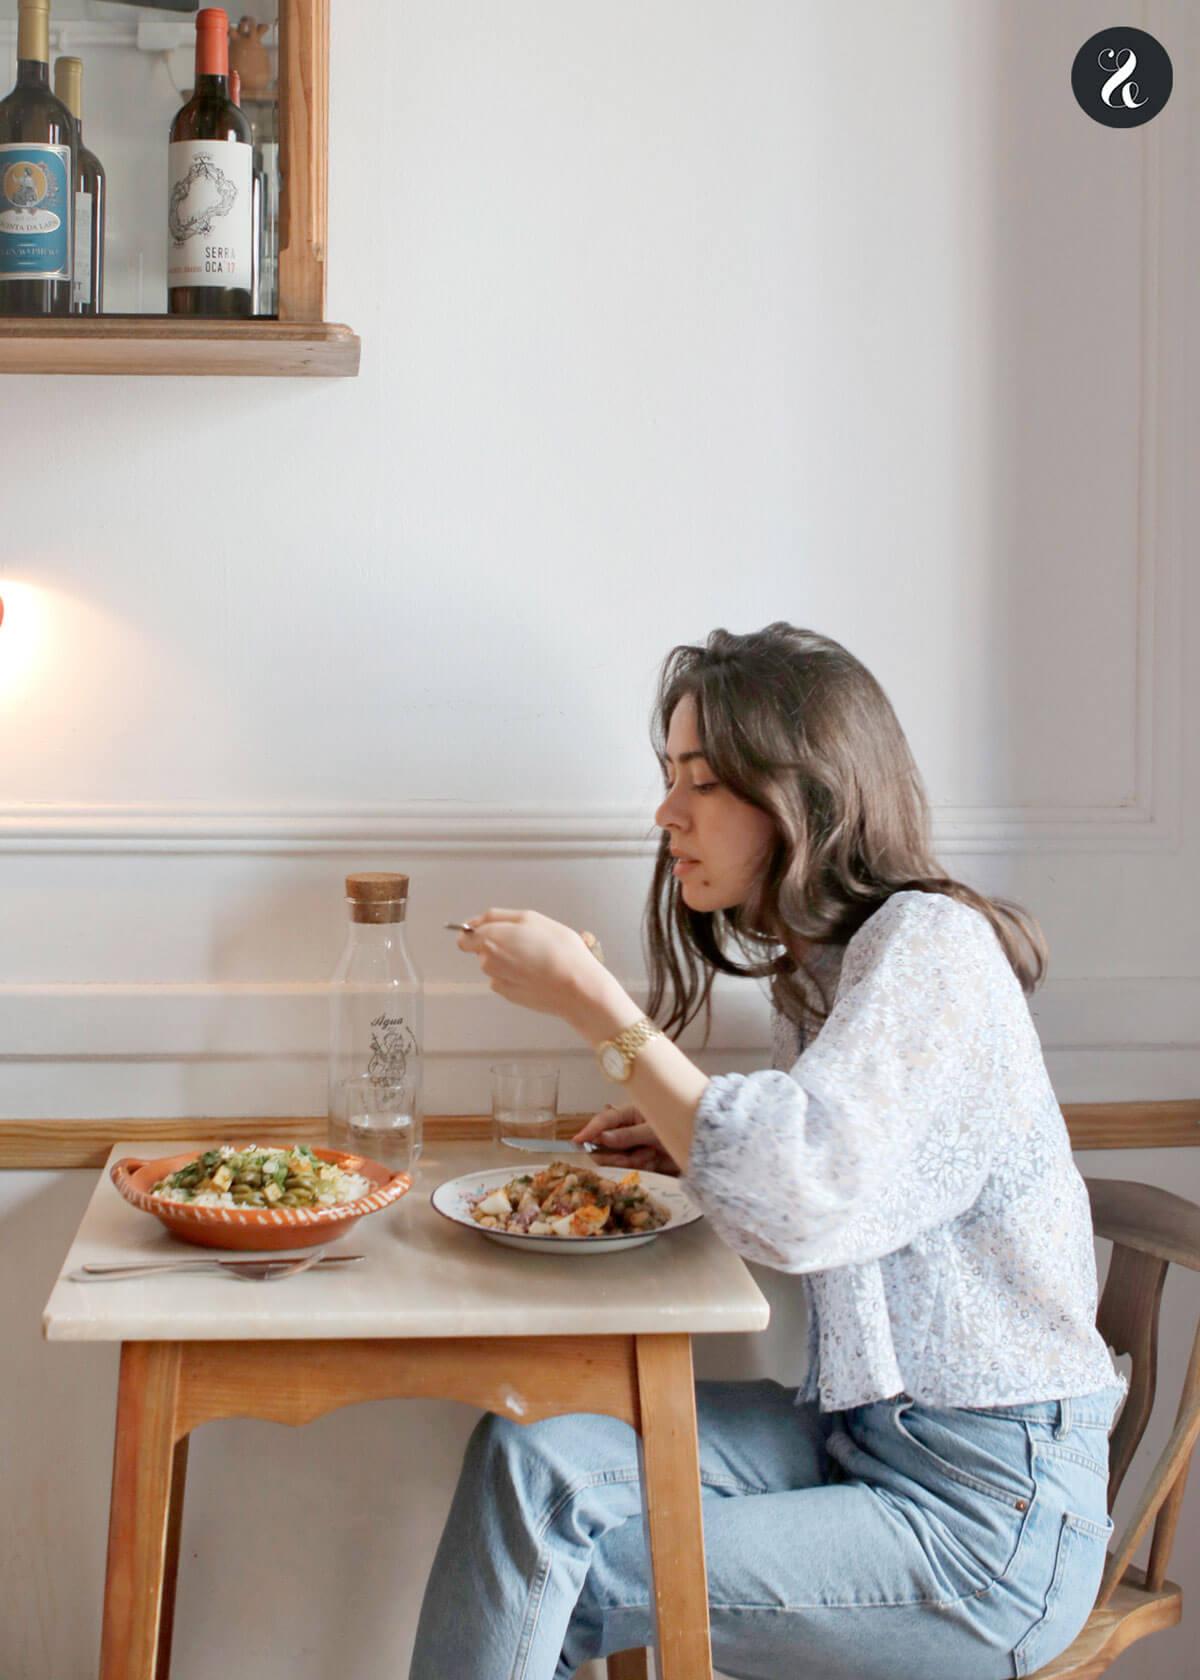 Qué ver en Lisboa - Comer en Lisboa - Taberna da rua das flores